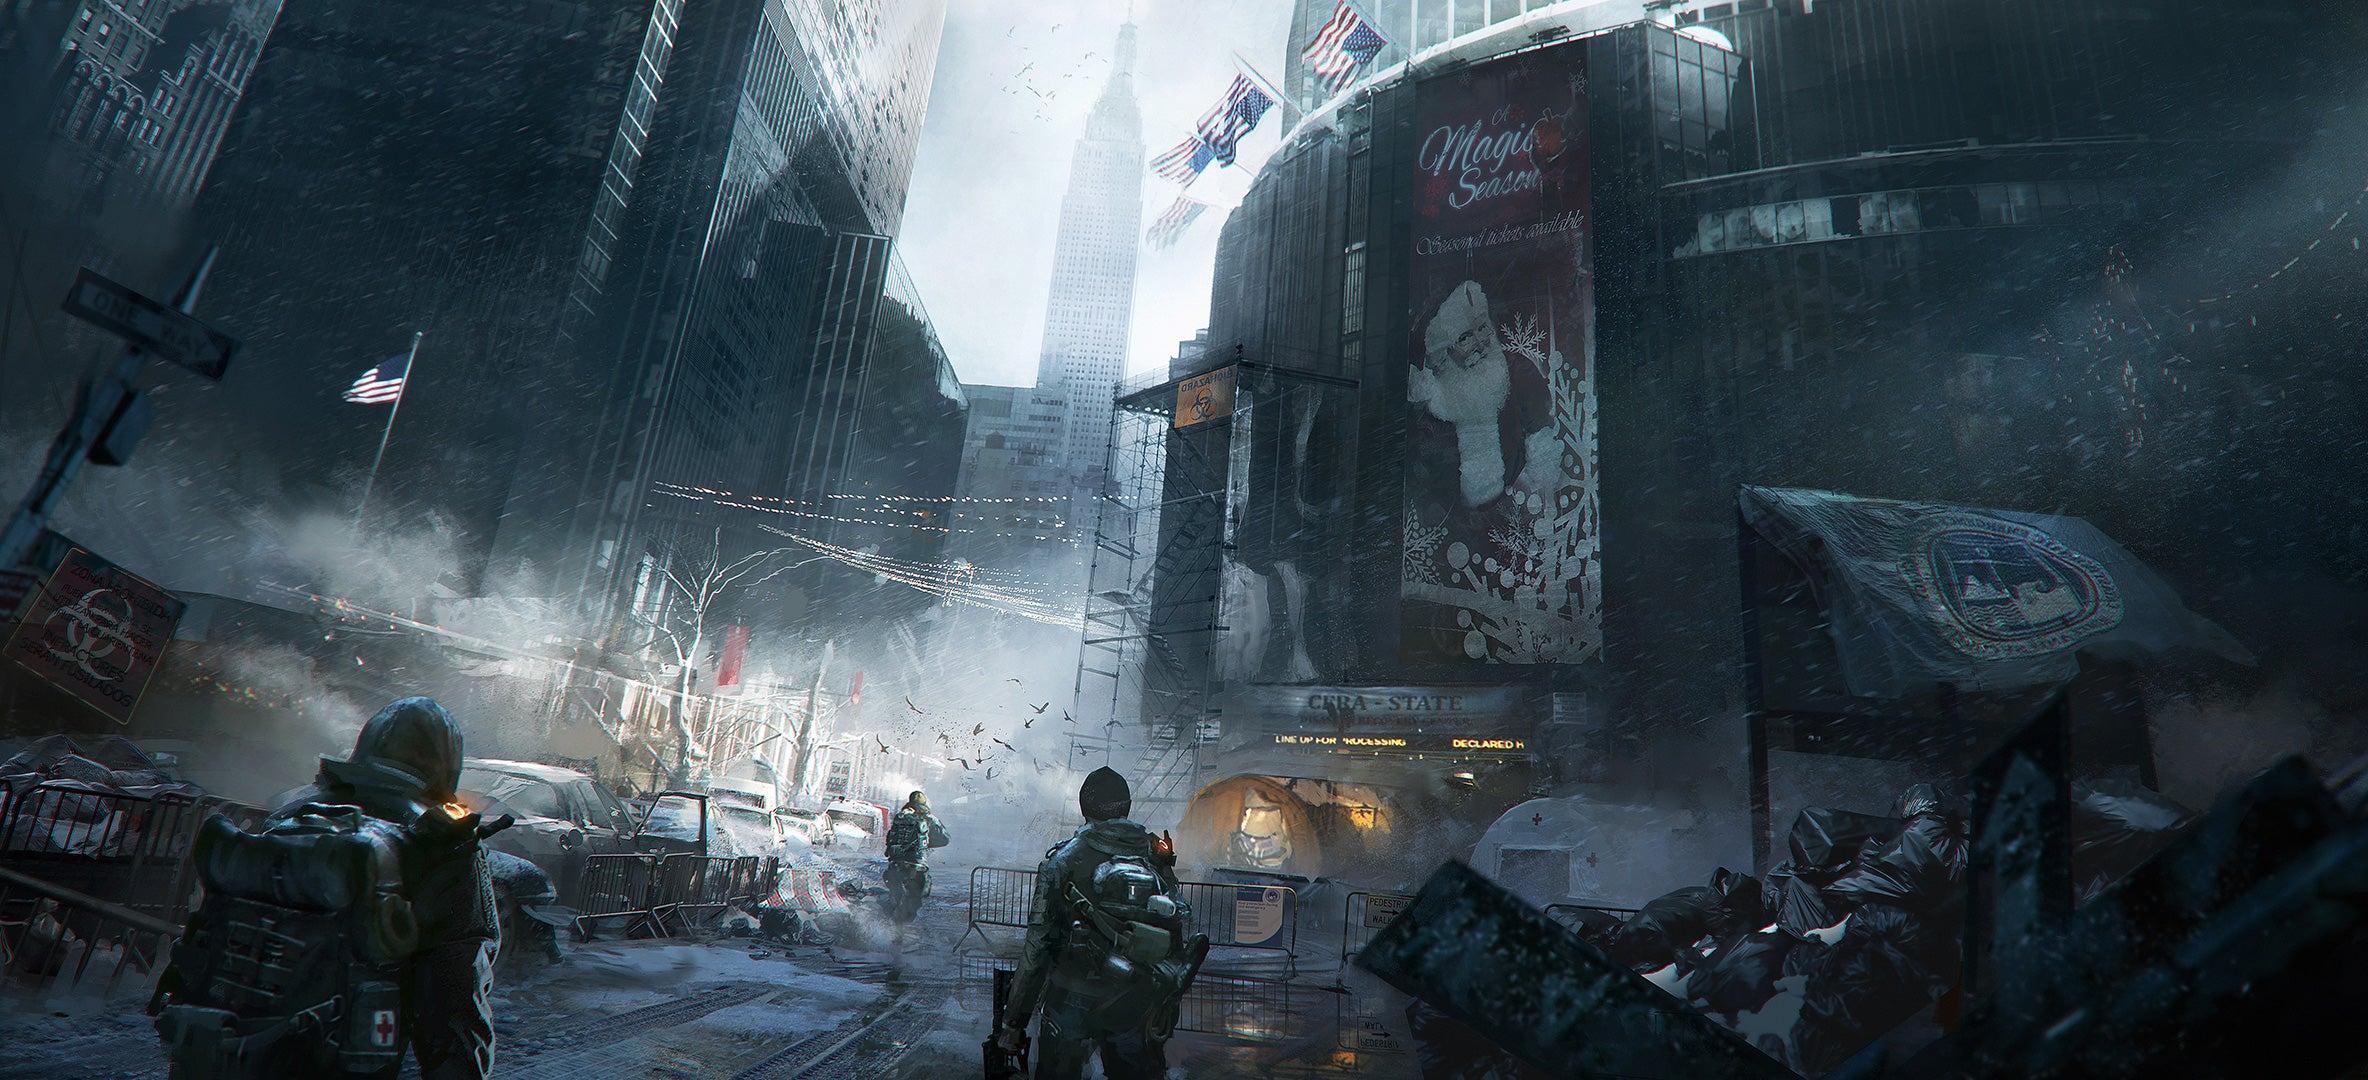 Ubisoft Is Afraid Of A Hostile Takeover